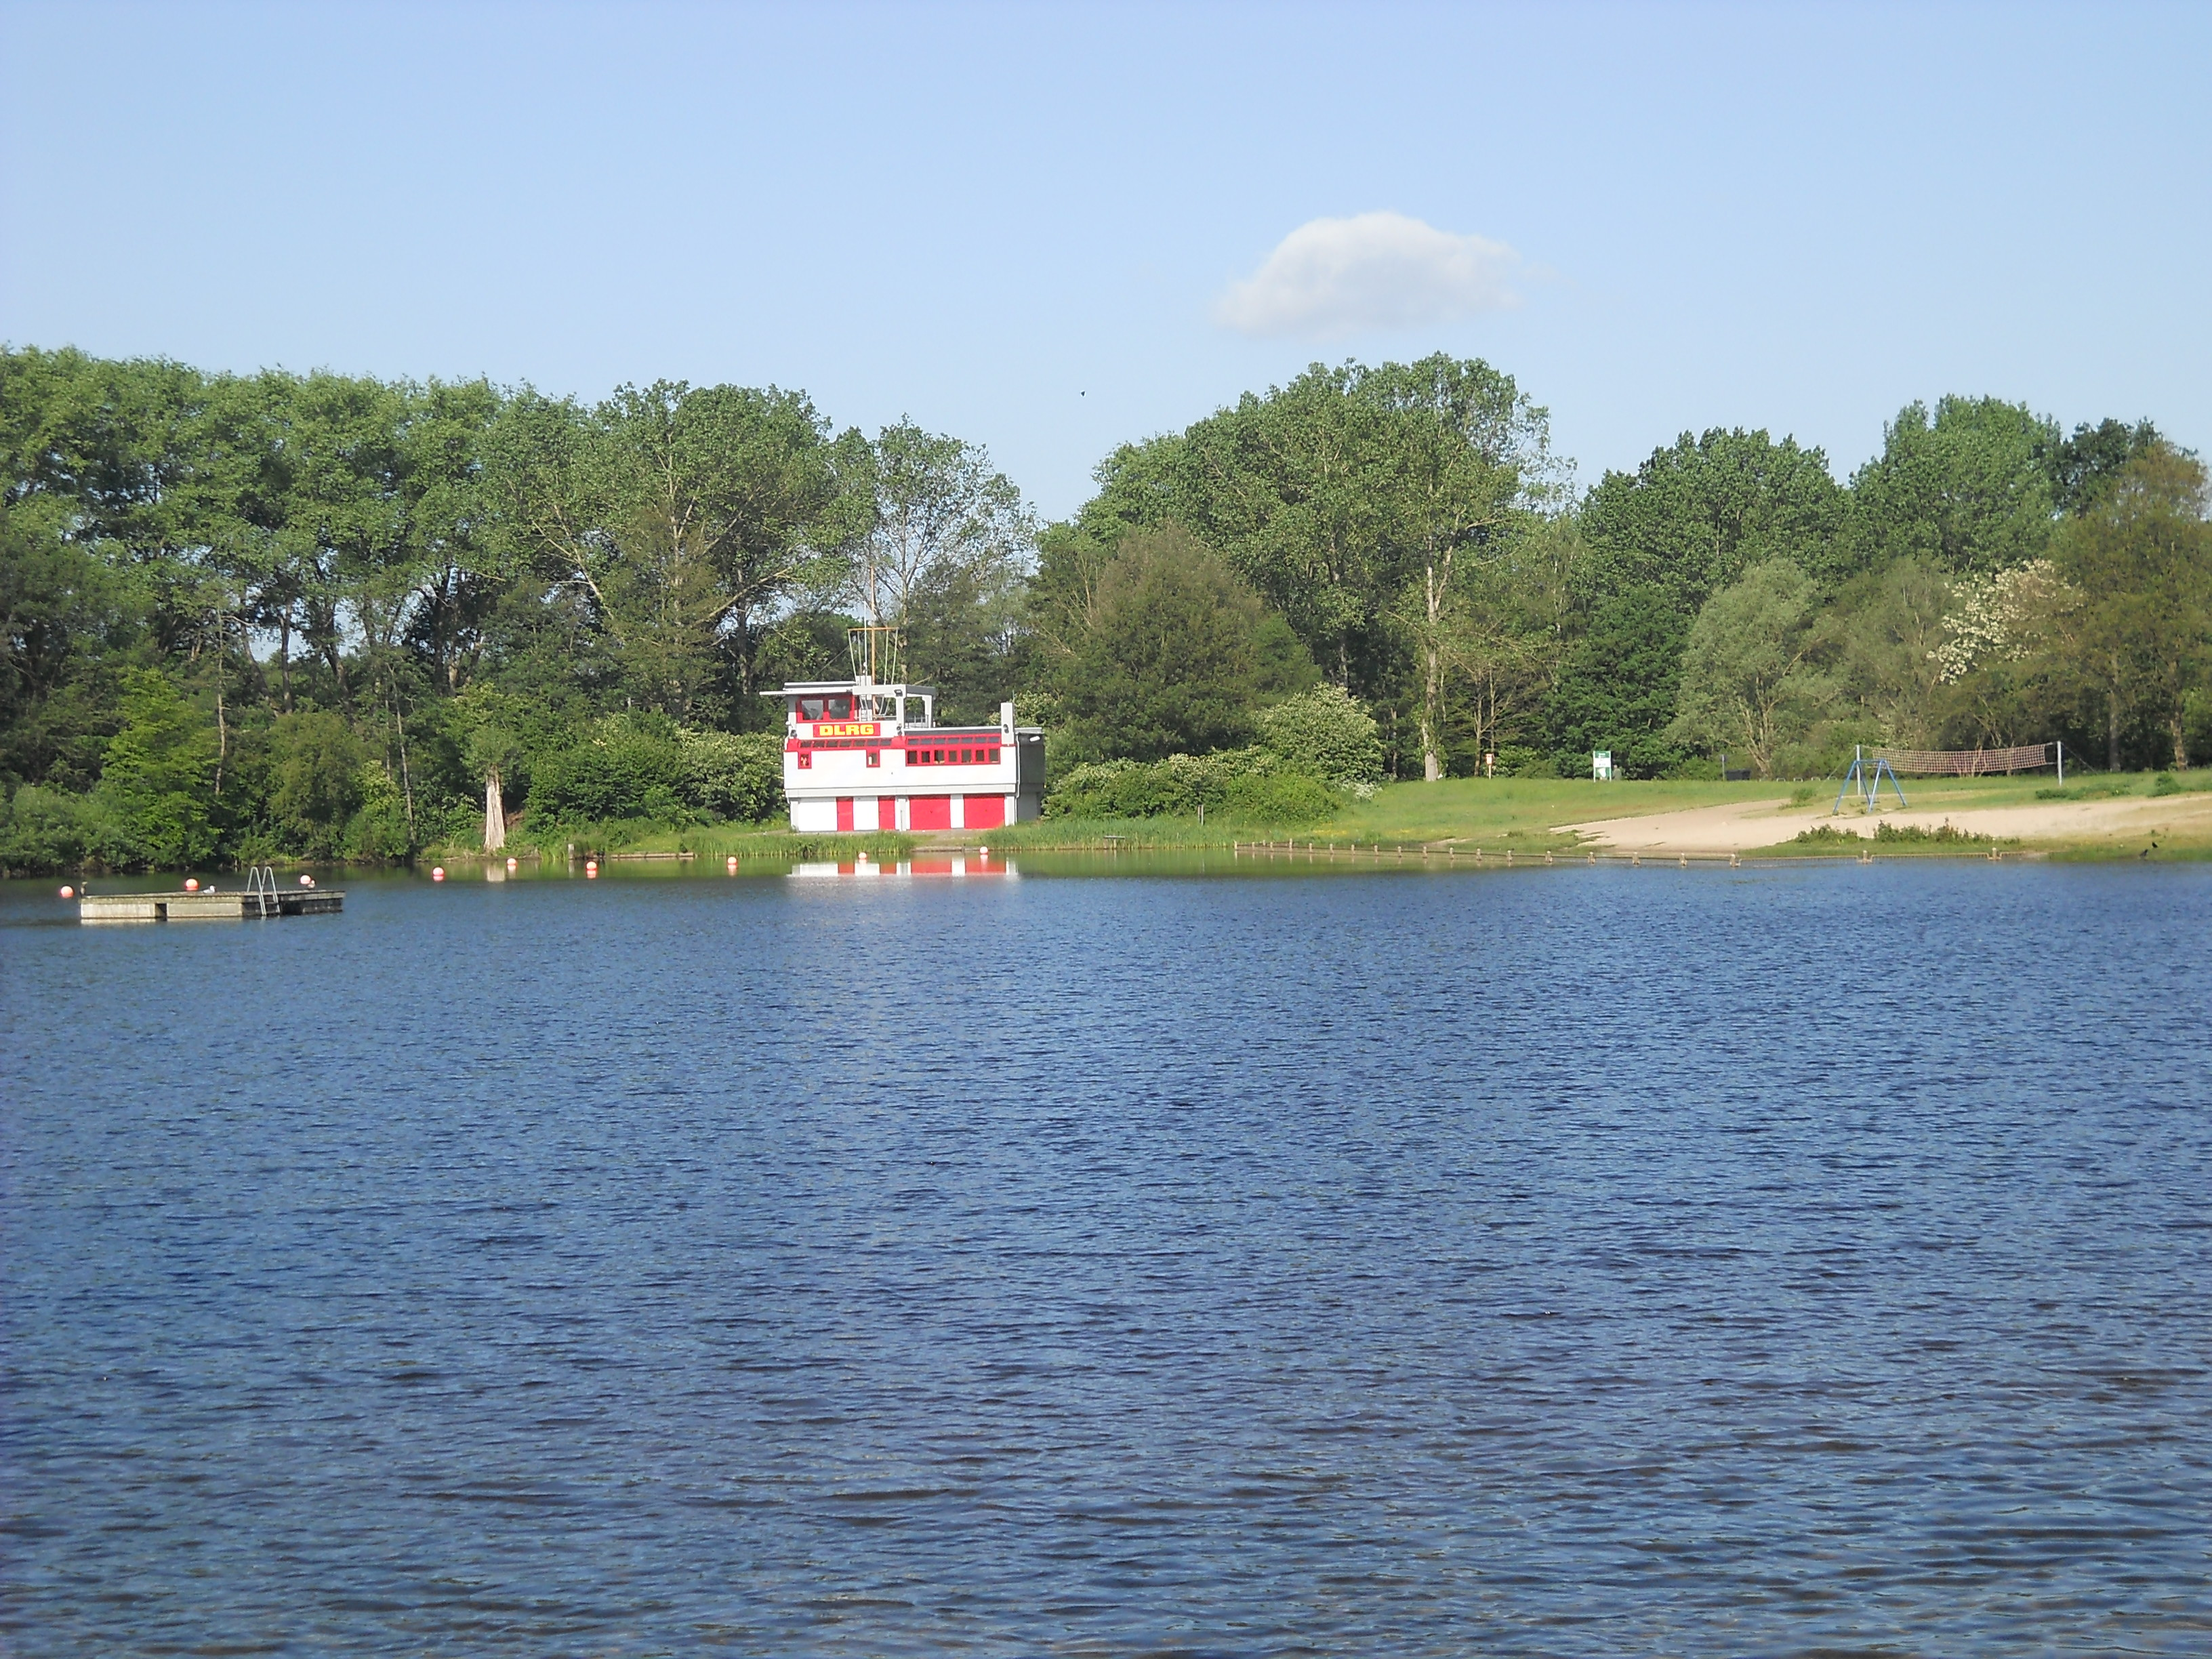 Der Blick über den See zeigt am gegenüberliegenden Ufer die Station der DLRG